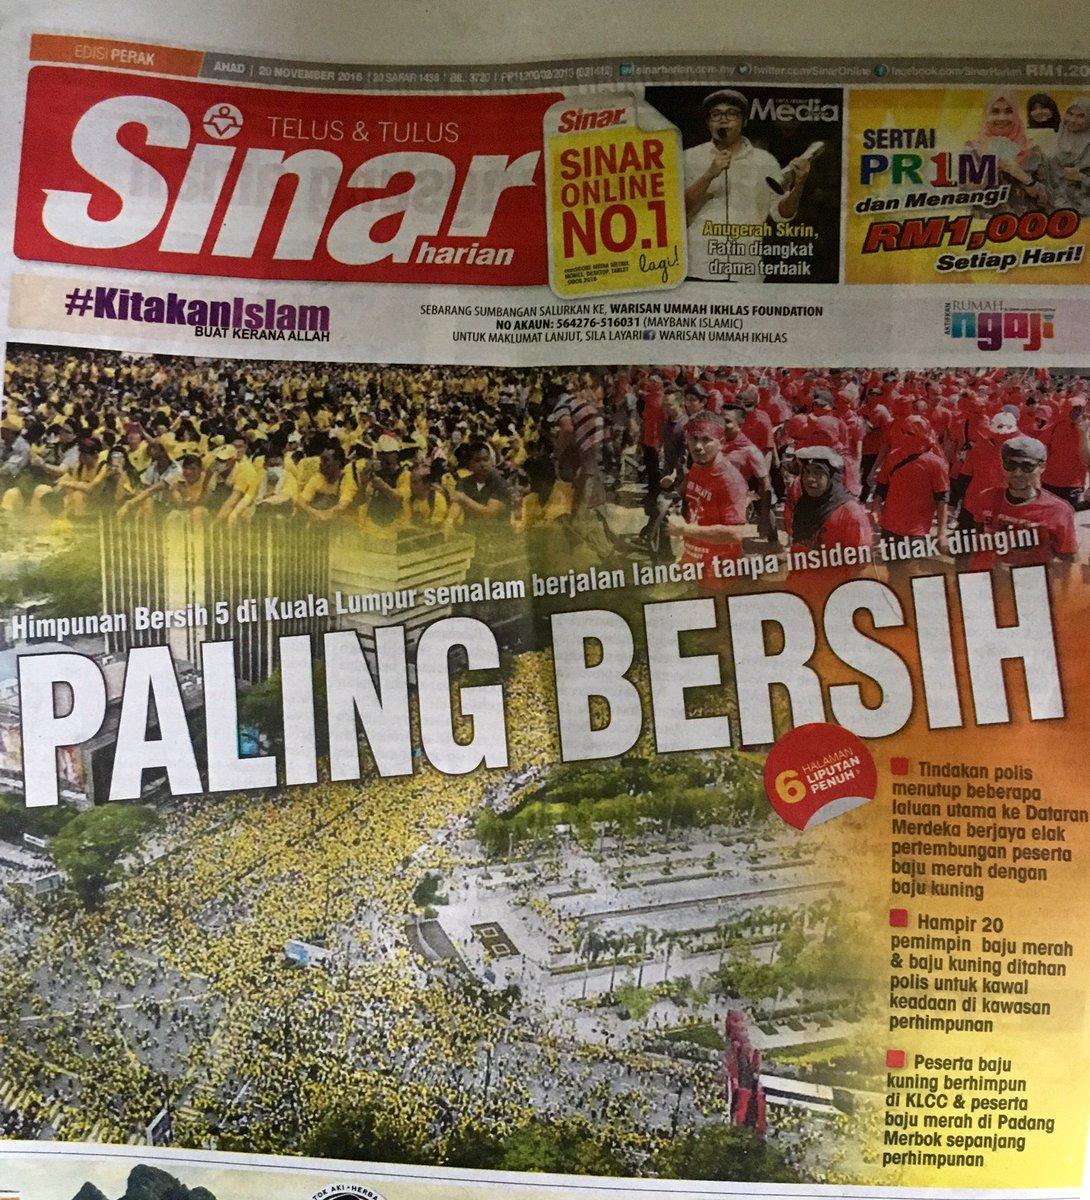 Paling Bersih. Terima kasih rakyat Malaysia. @mbnizar @dapmalaysia @bersih2 @n_izzah @cmlimguaneng https://t.co/AlZVPmh8Ka